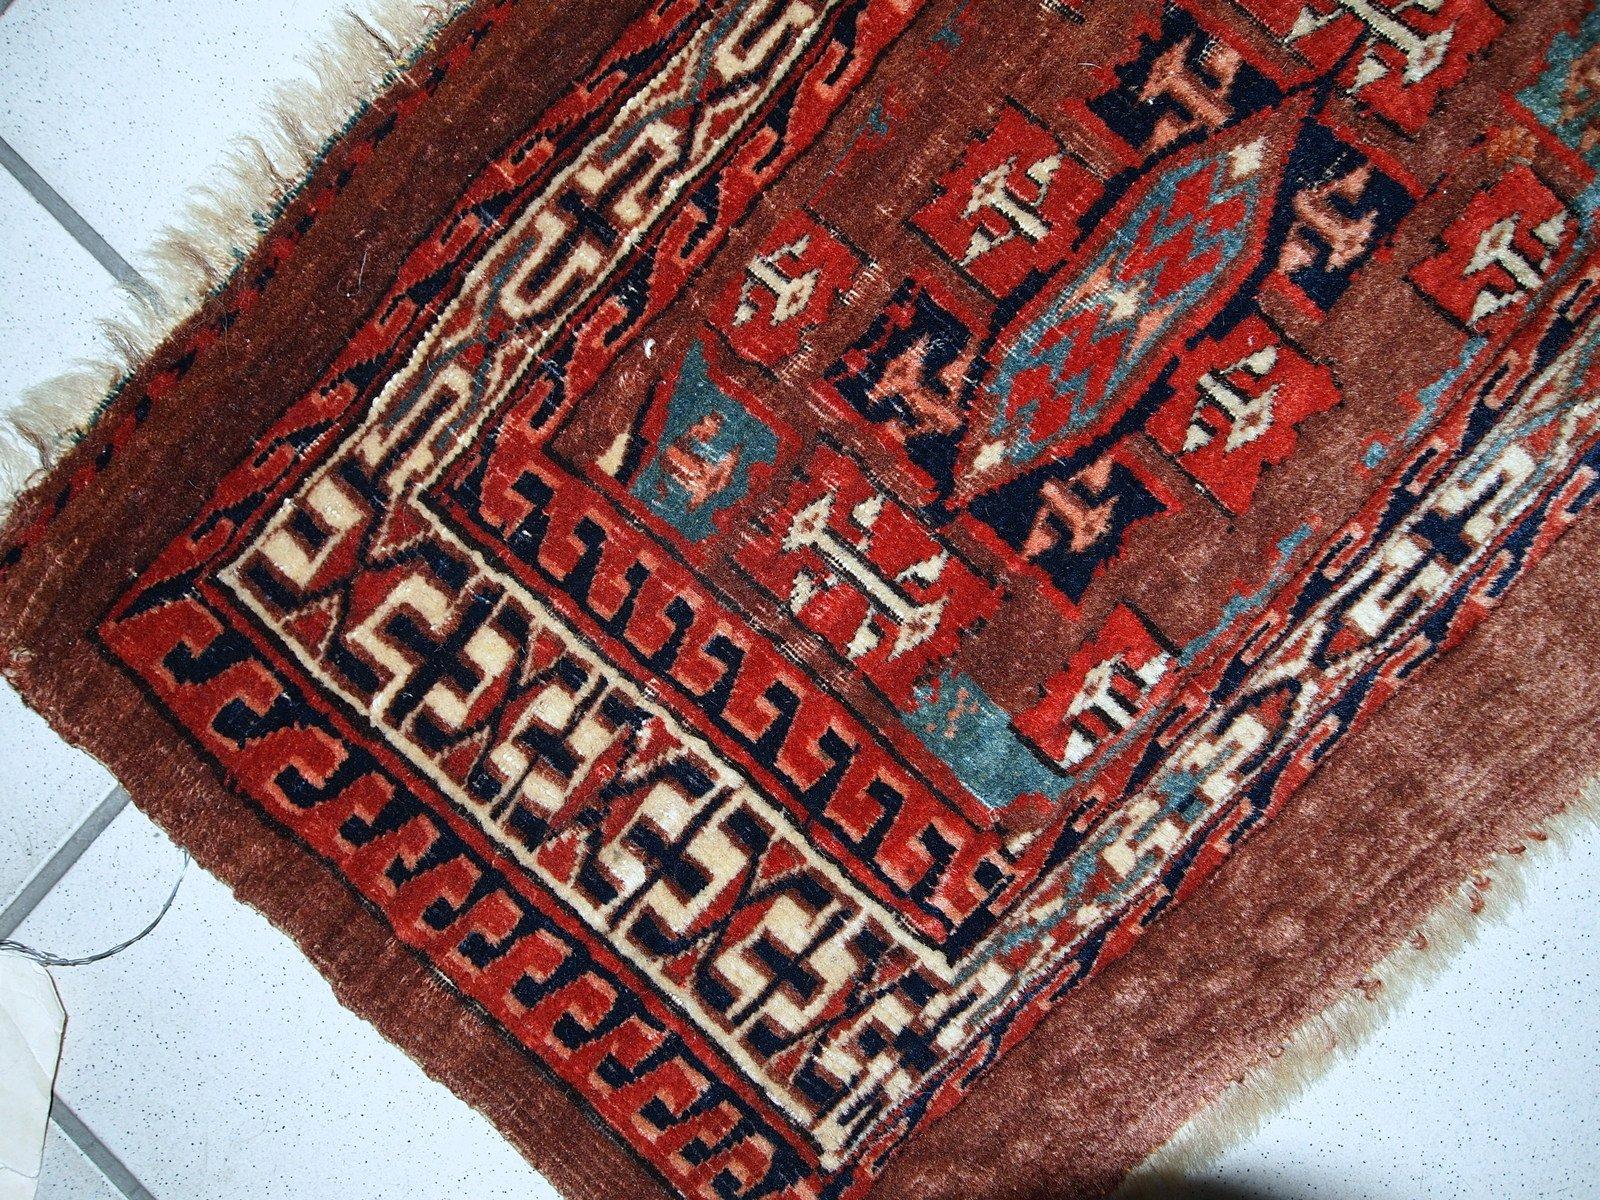 Alfombra yomud turcomana antigua hecha a mano d cada de 1880 en venta en pamono - Alfombras a mano ...